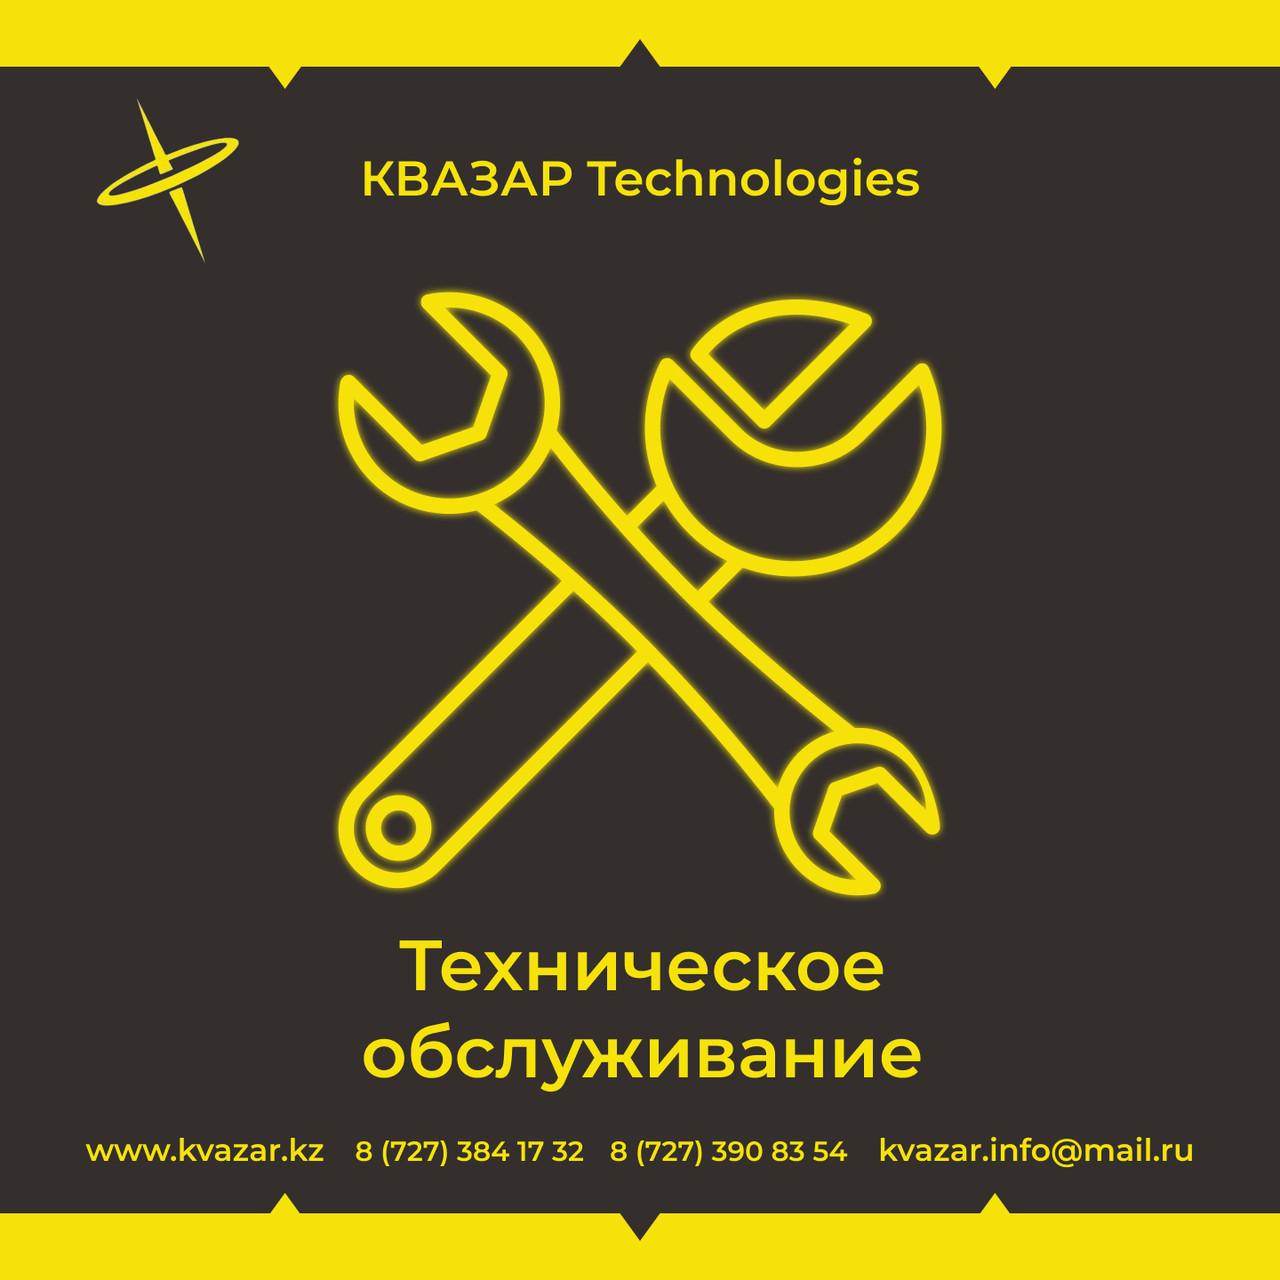 Техническое обслуживание и ремонт противотаранных систем